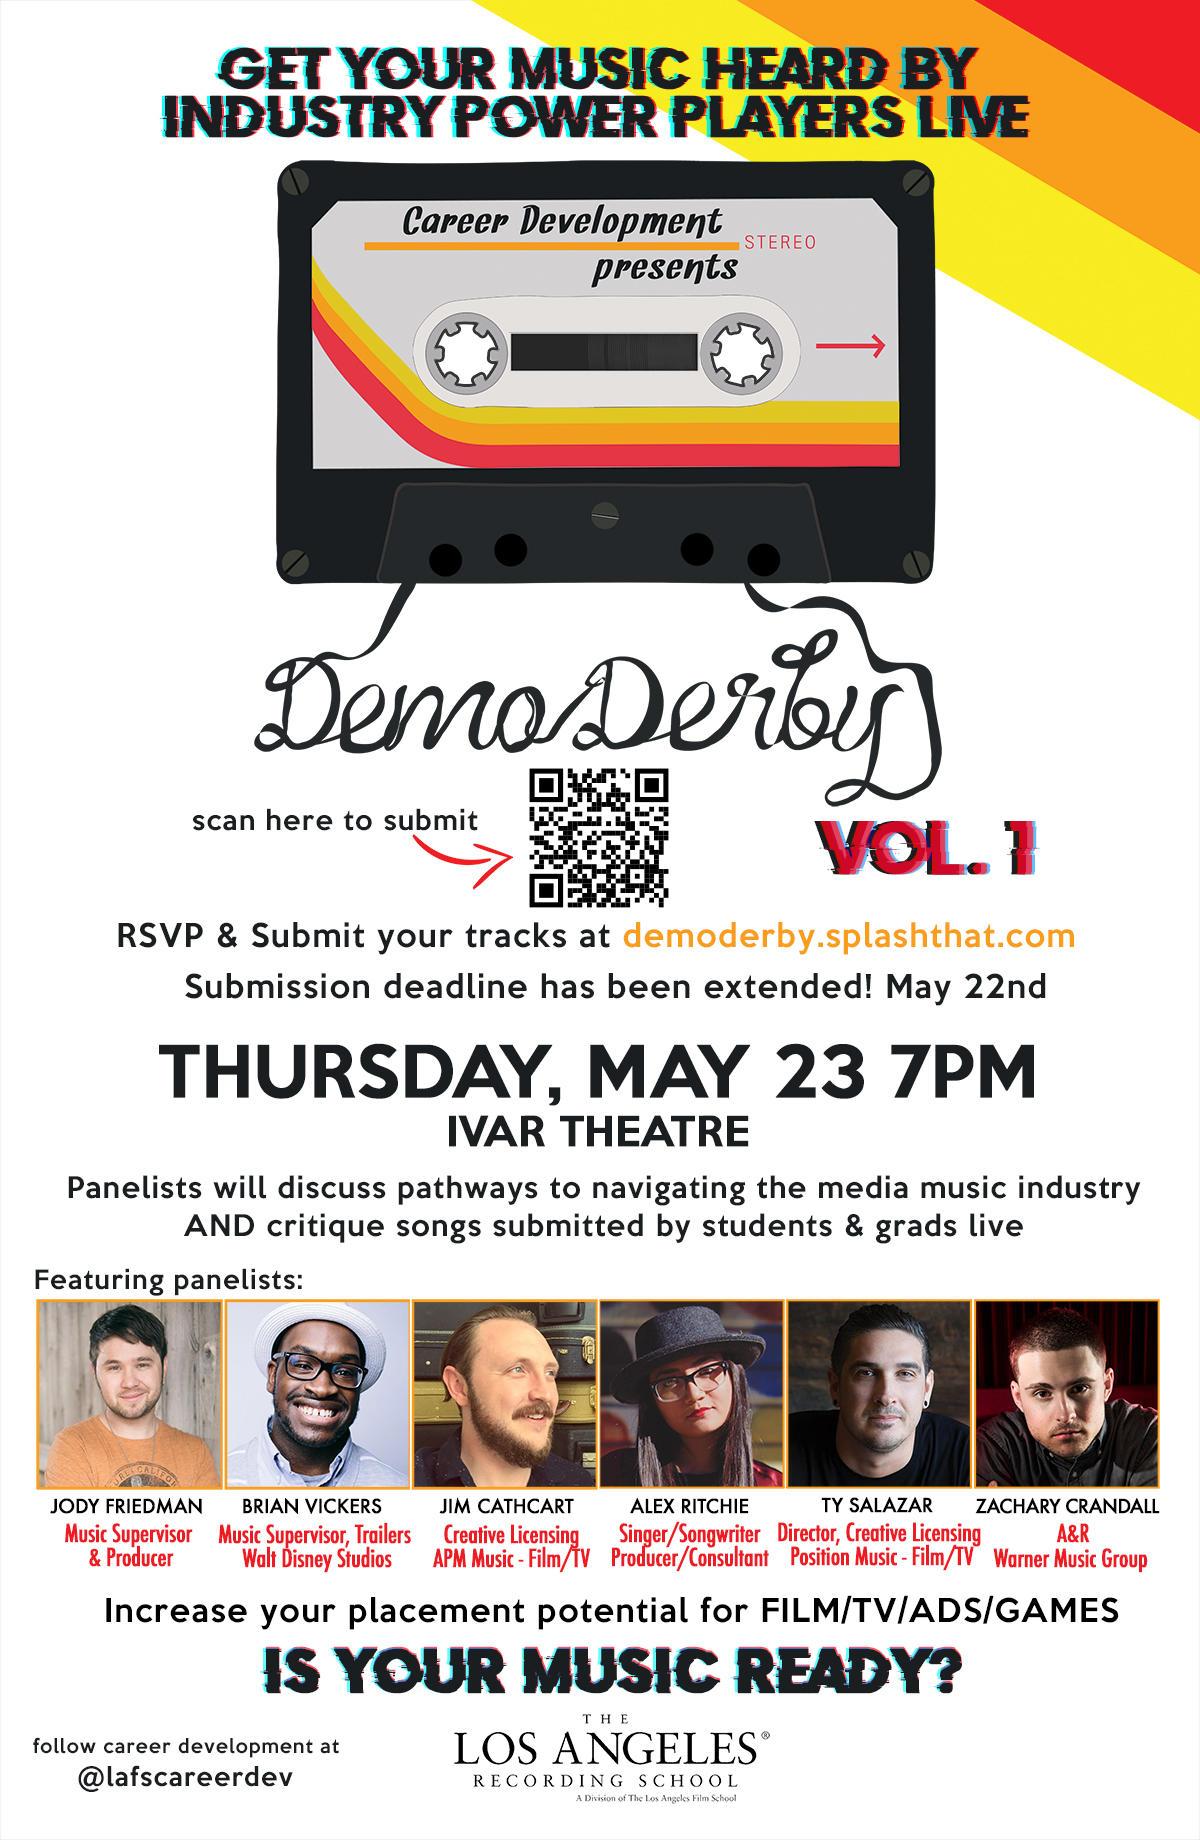 Demo Derby - Splash